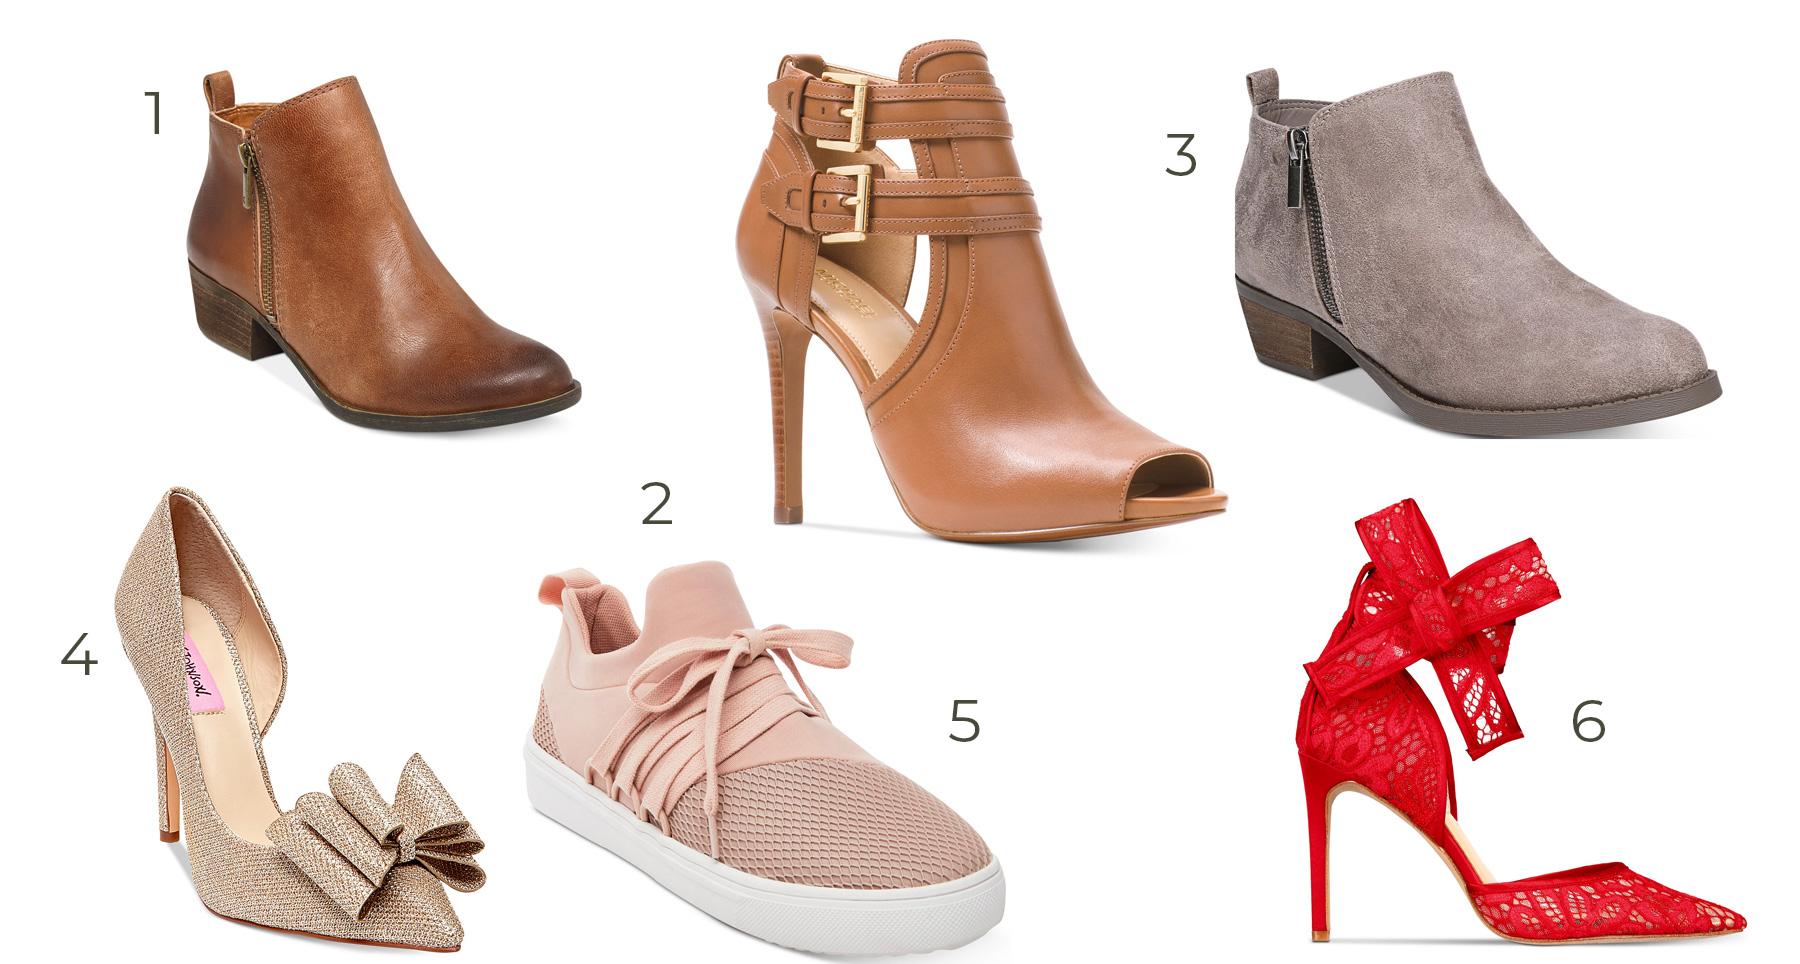 macy's huge shoe sale